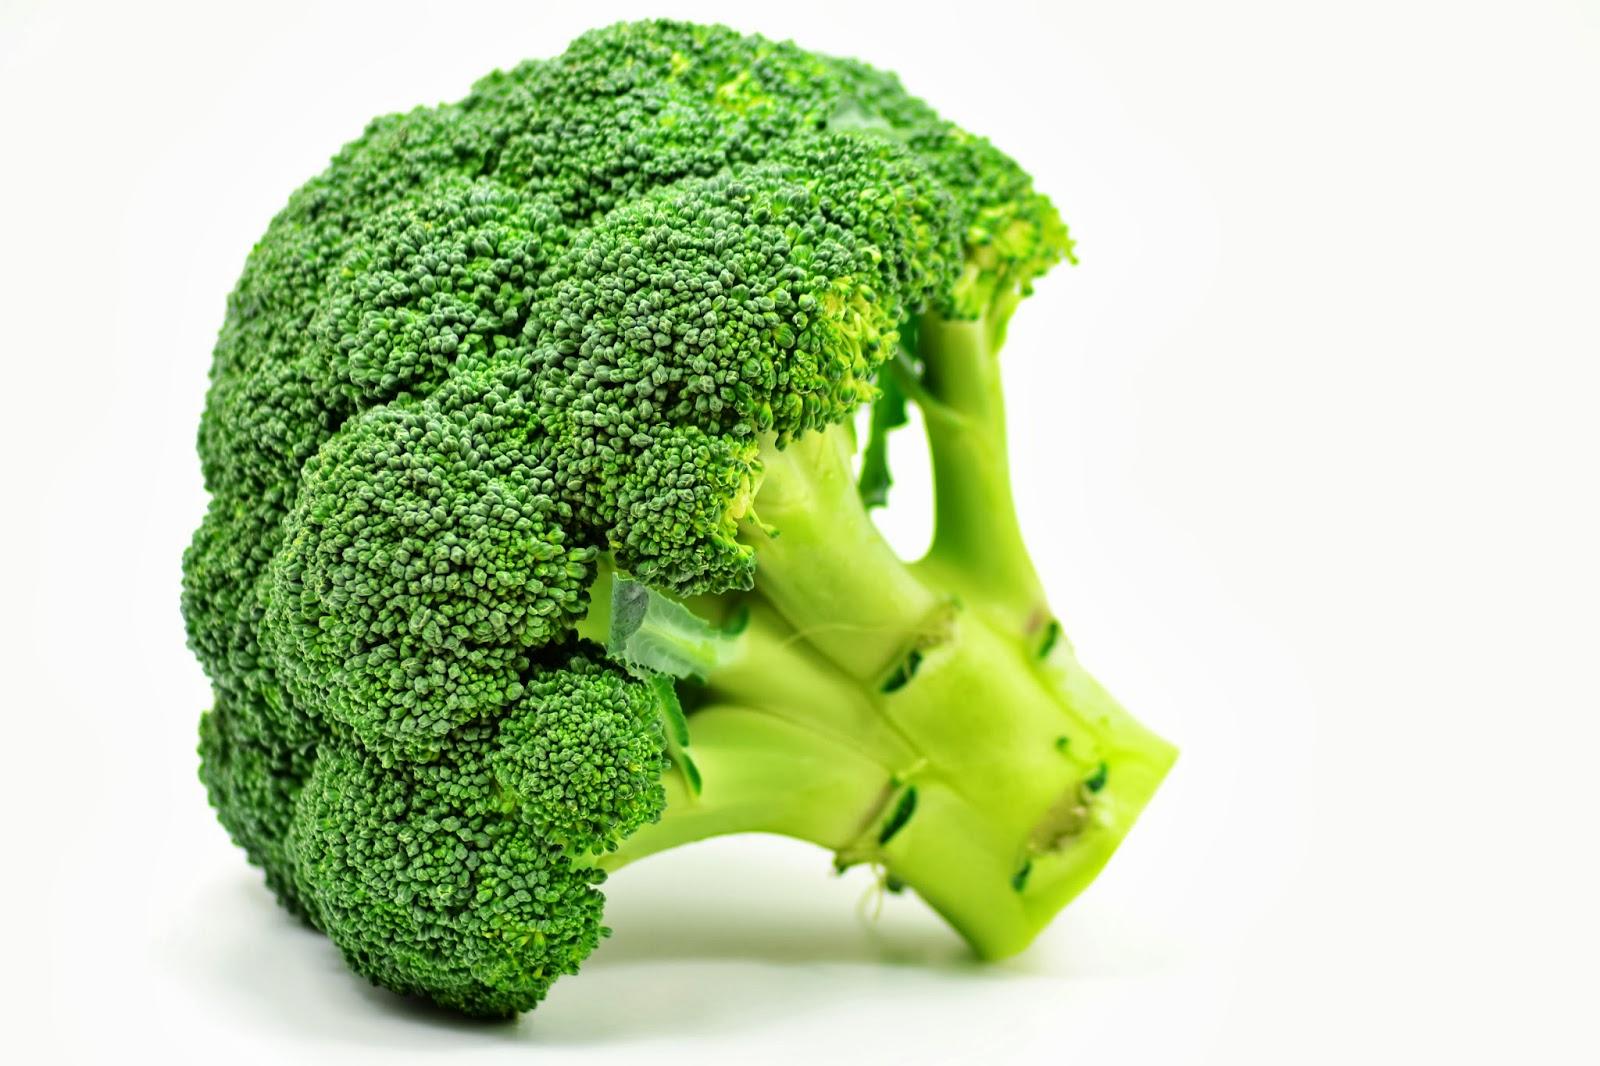 Asombroso Cocina Herido Brócoli Repollo Regalo - Ideas de Decoración ...